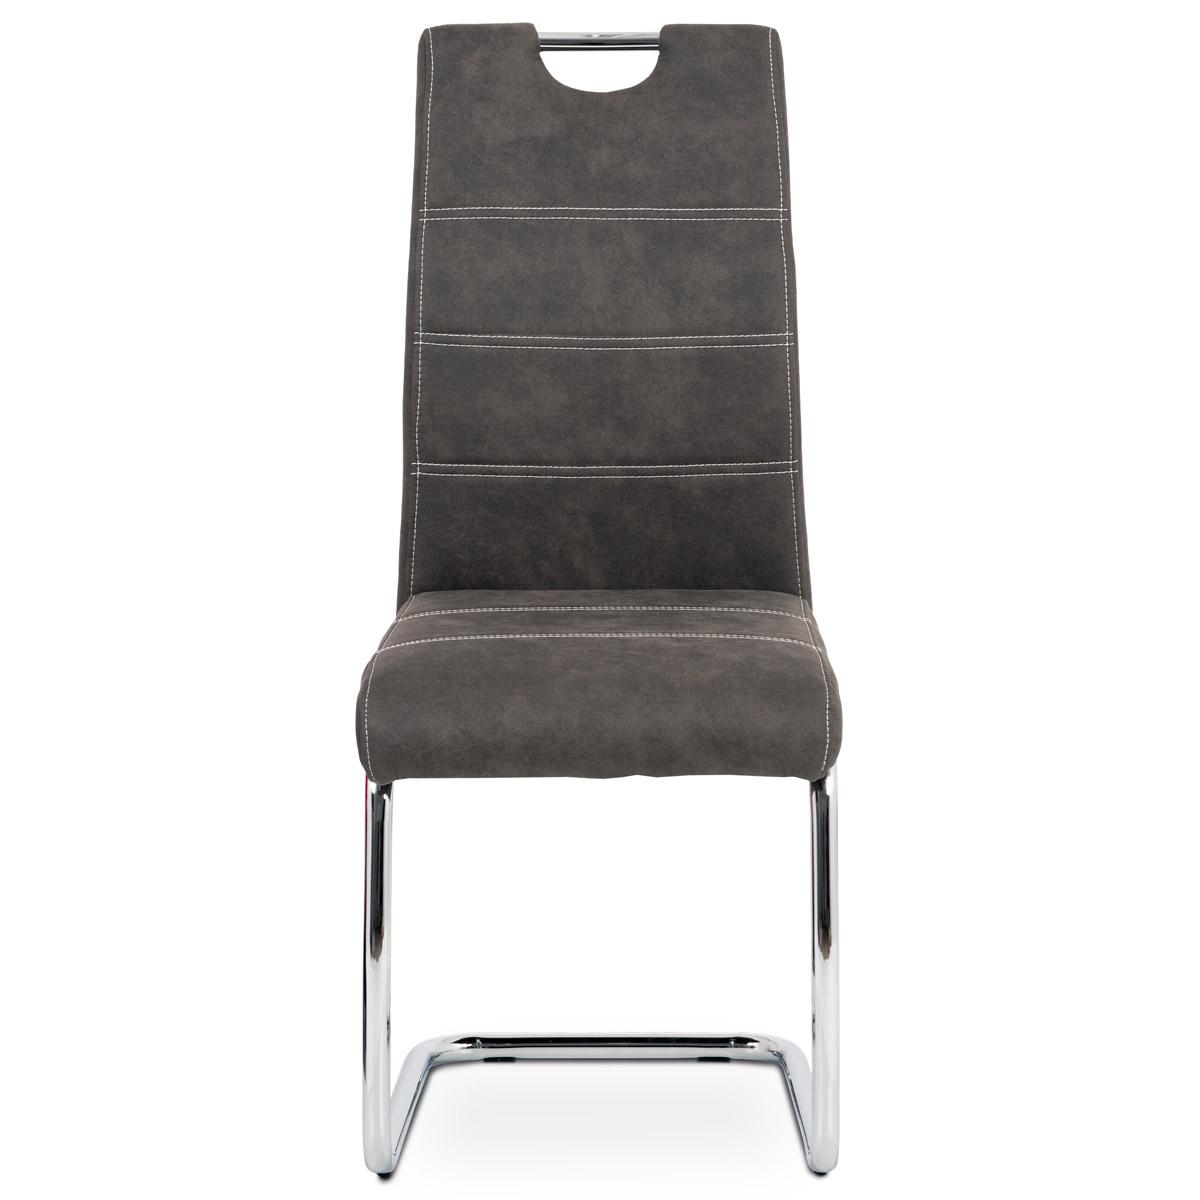 Jídelní židle, potah antracitově šedá látka COWBOY v dekoru vintage kůže, kovová - HC-483 GREY3